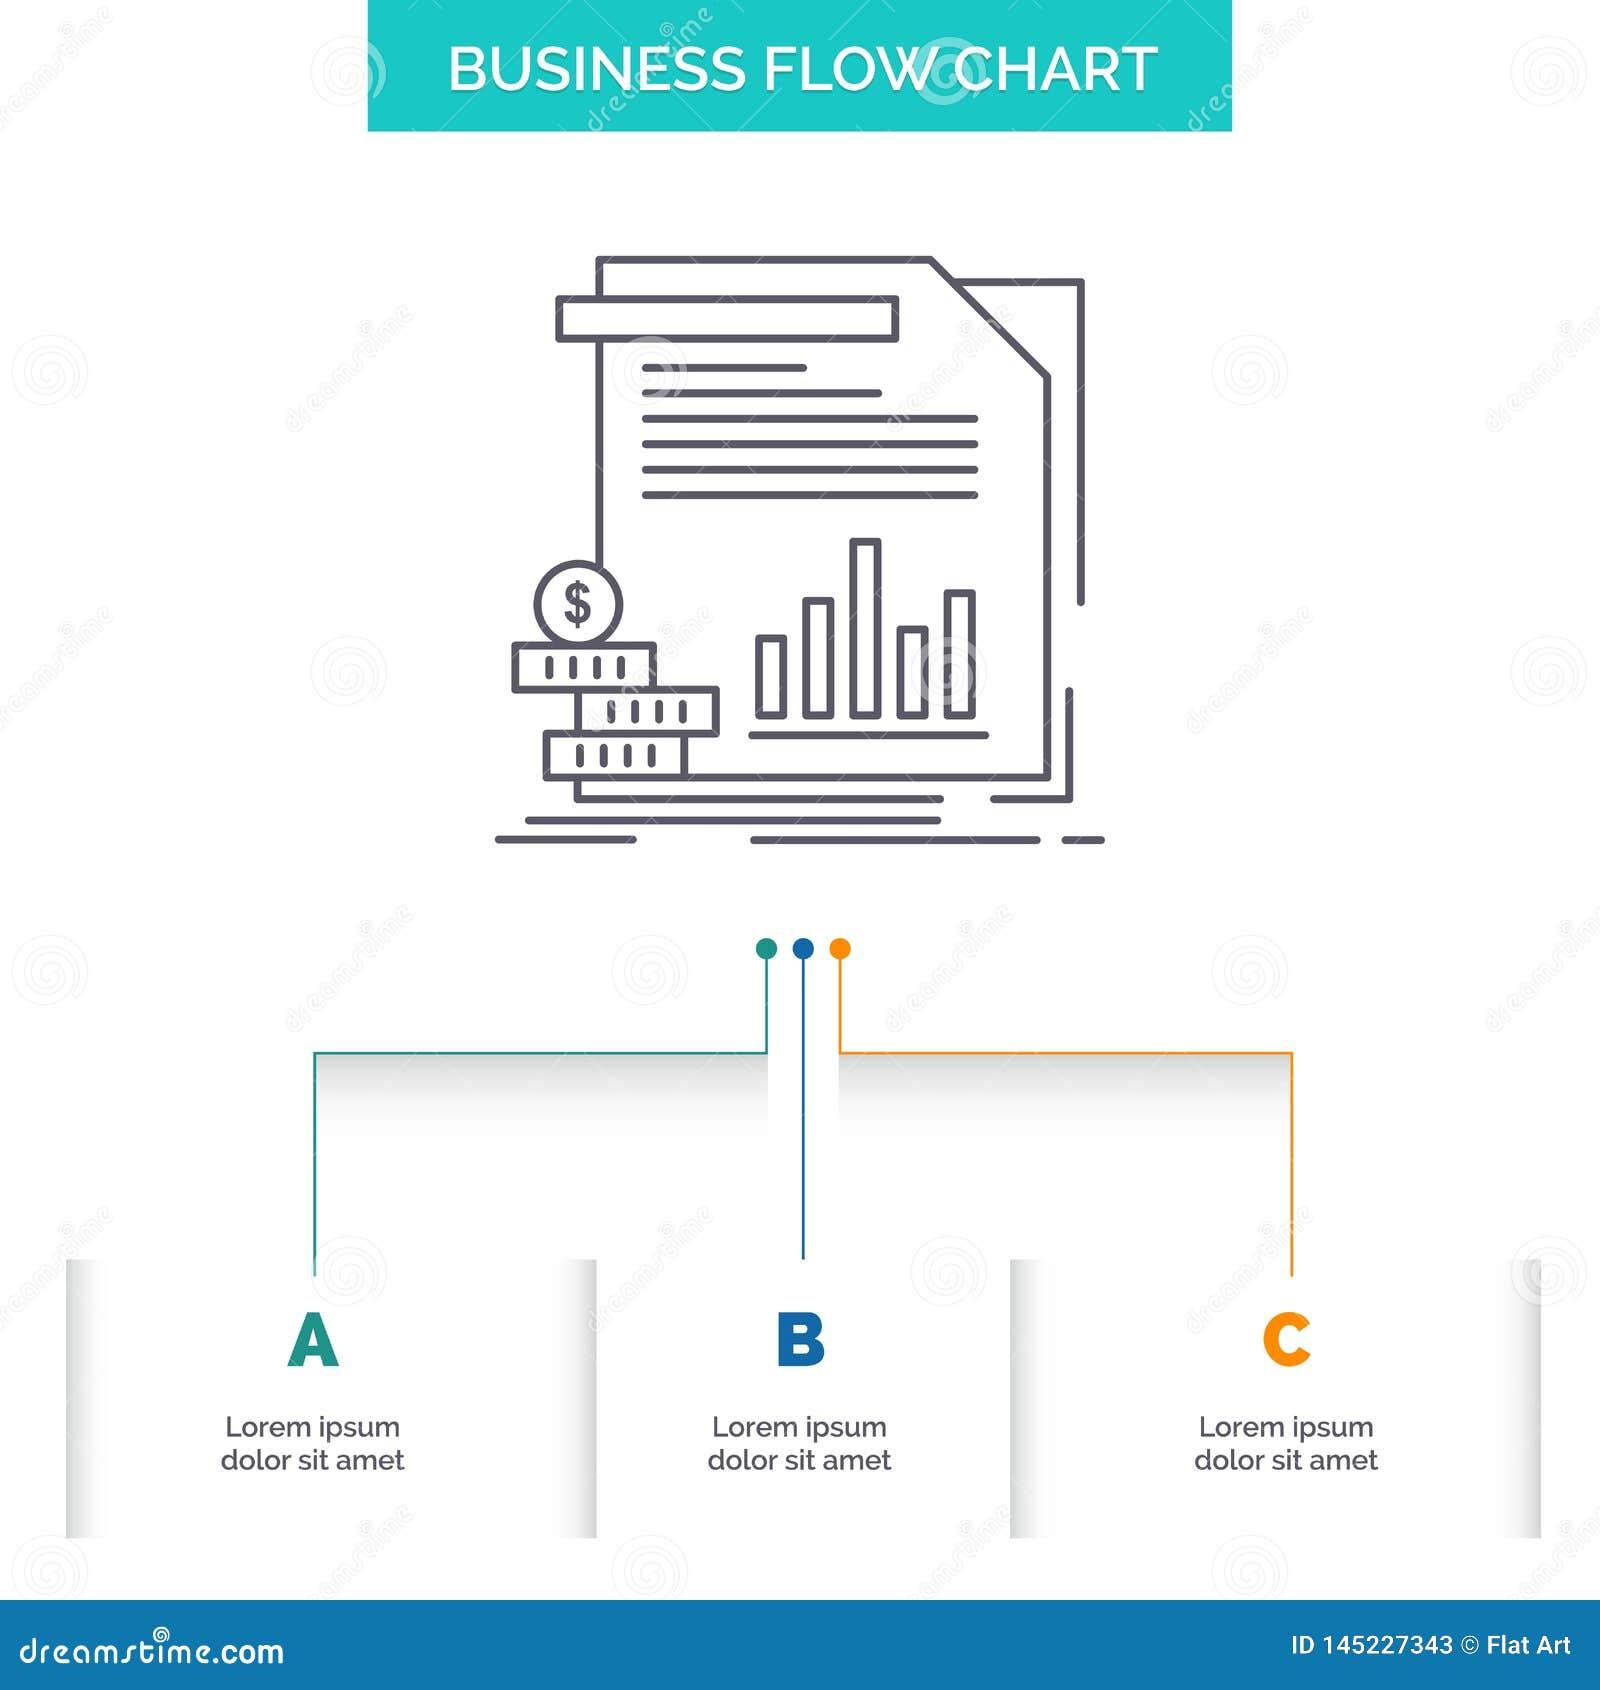 η οικονομία, χρηματοδότηση, χρήματα, πληροφορίες, εκθέτει το σχέδιο διαγραμμάτων επιχειρησιακής ροής με 3 βήματα Εικονίδιο γραμμώ